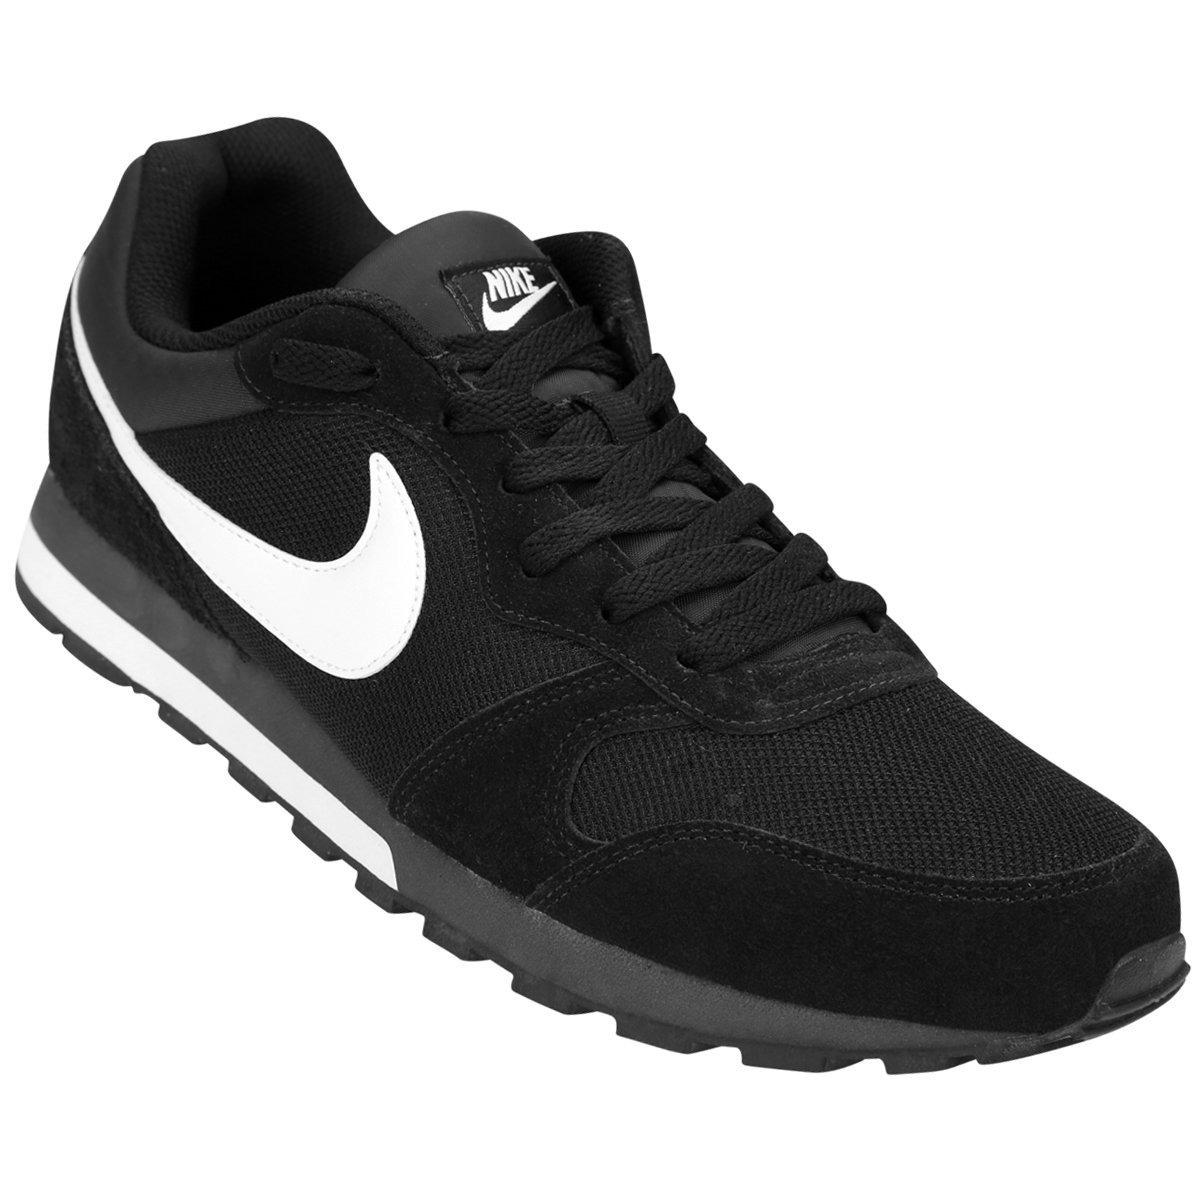 3896c60dd8ecd zapatillas nike md runner 2 originales hombre sportwear. Cargando zoom.